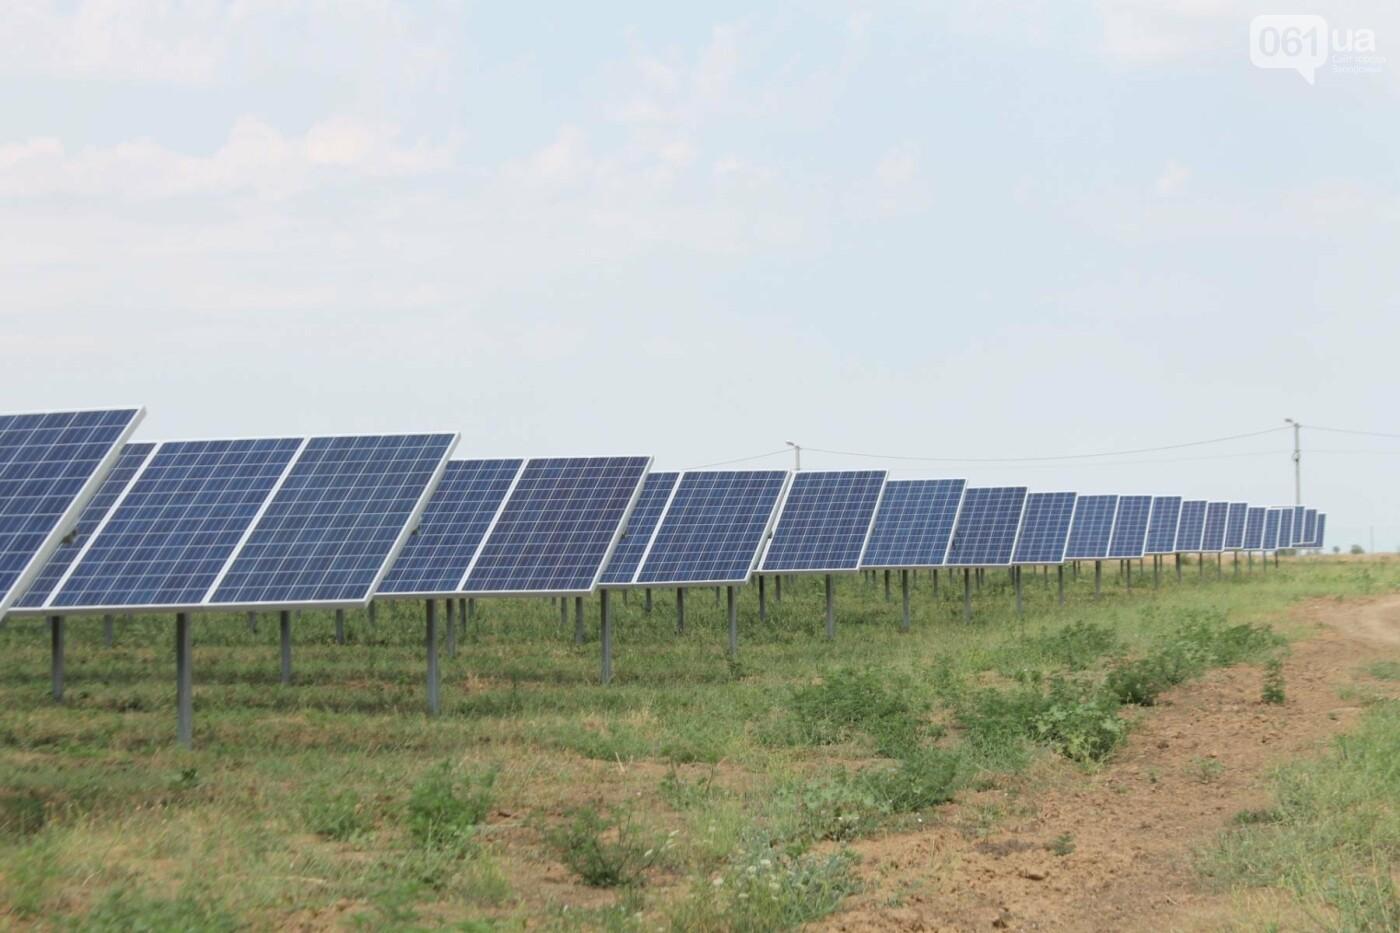 Как в Запорожской области работает крупнейшая в Украине солнечная станция: экскурсия на производство, — ФОТОРЕПОРТАЖ, фото-16